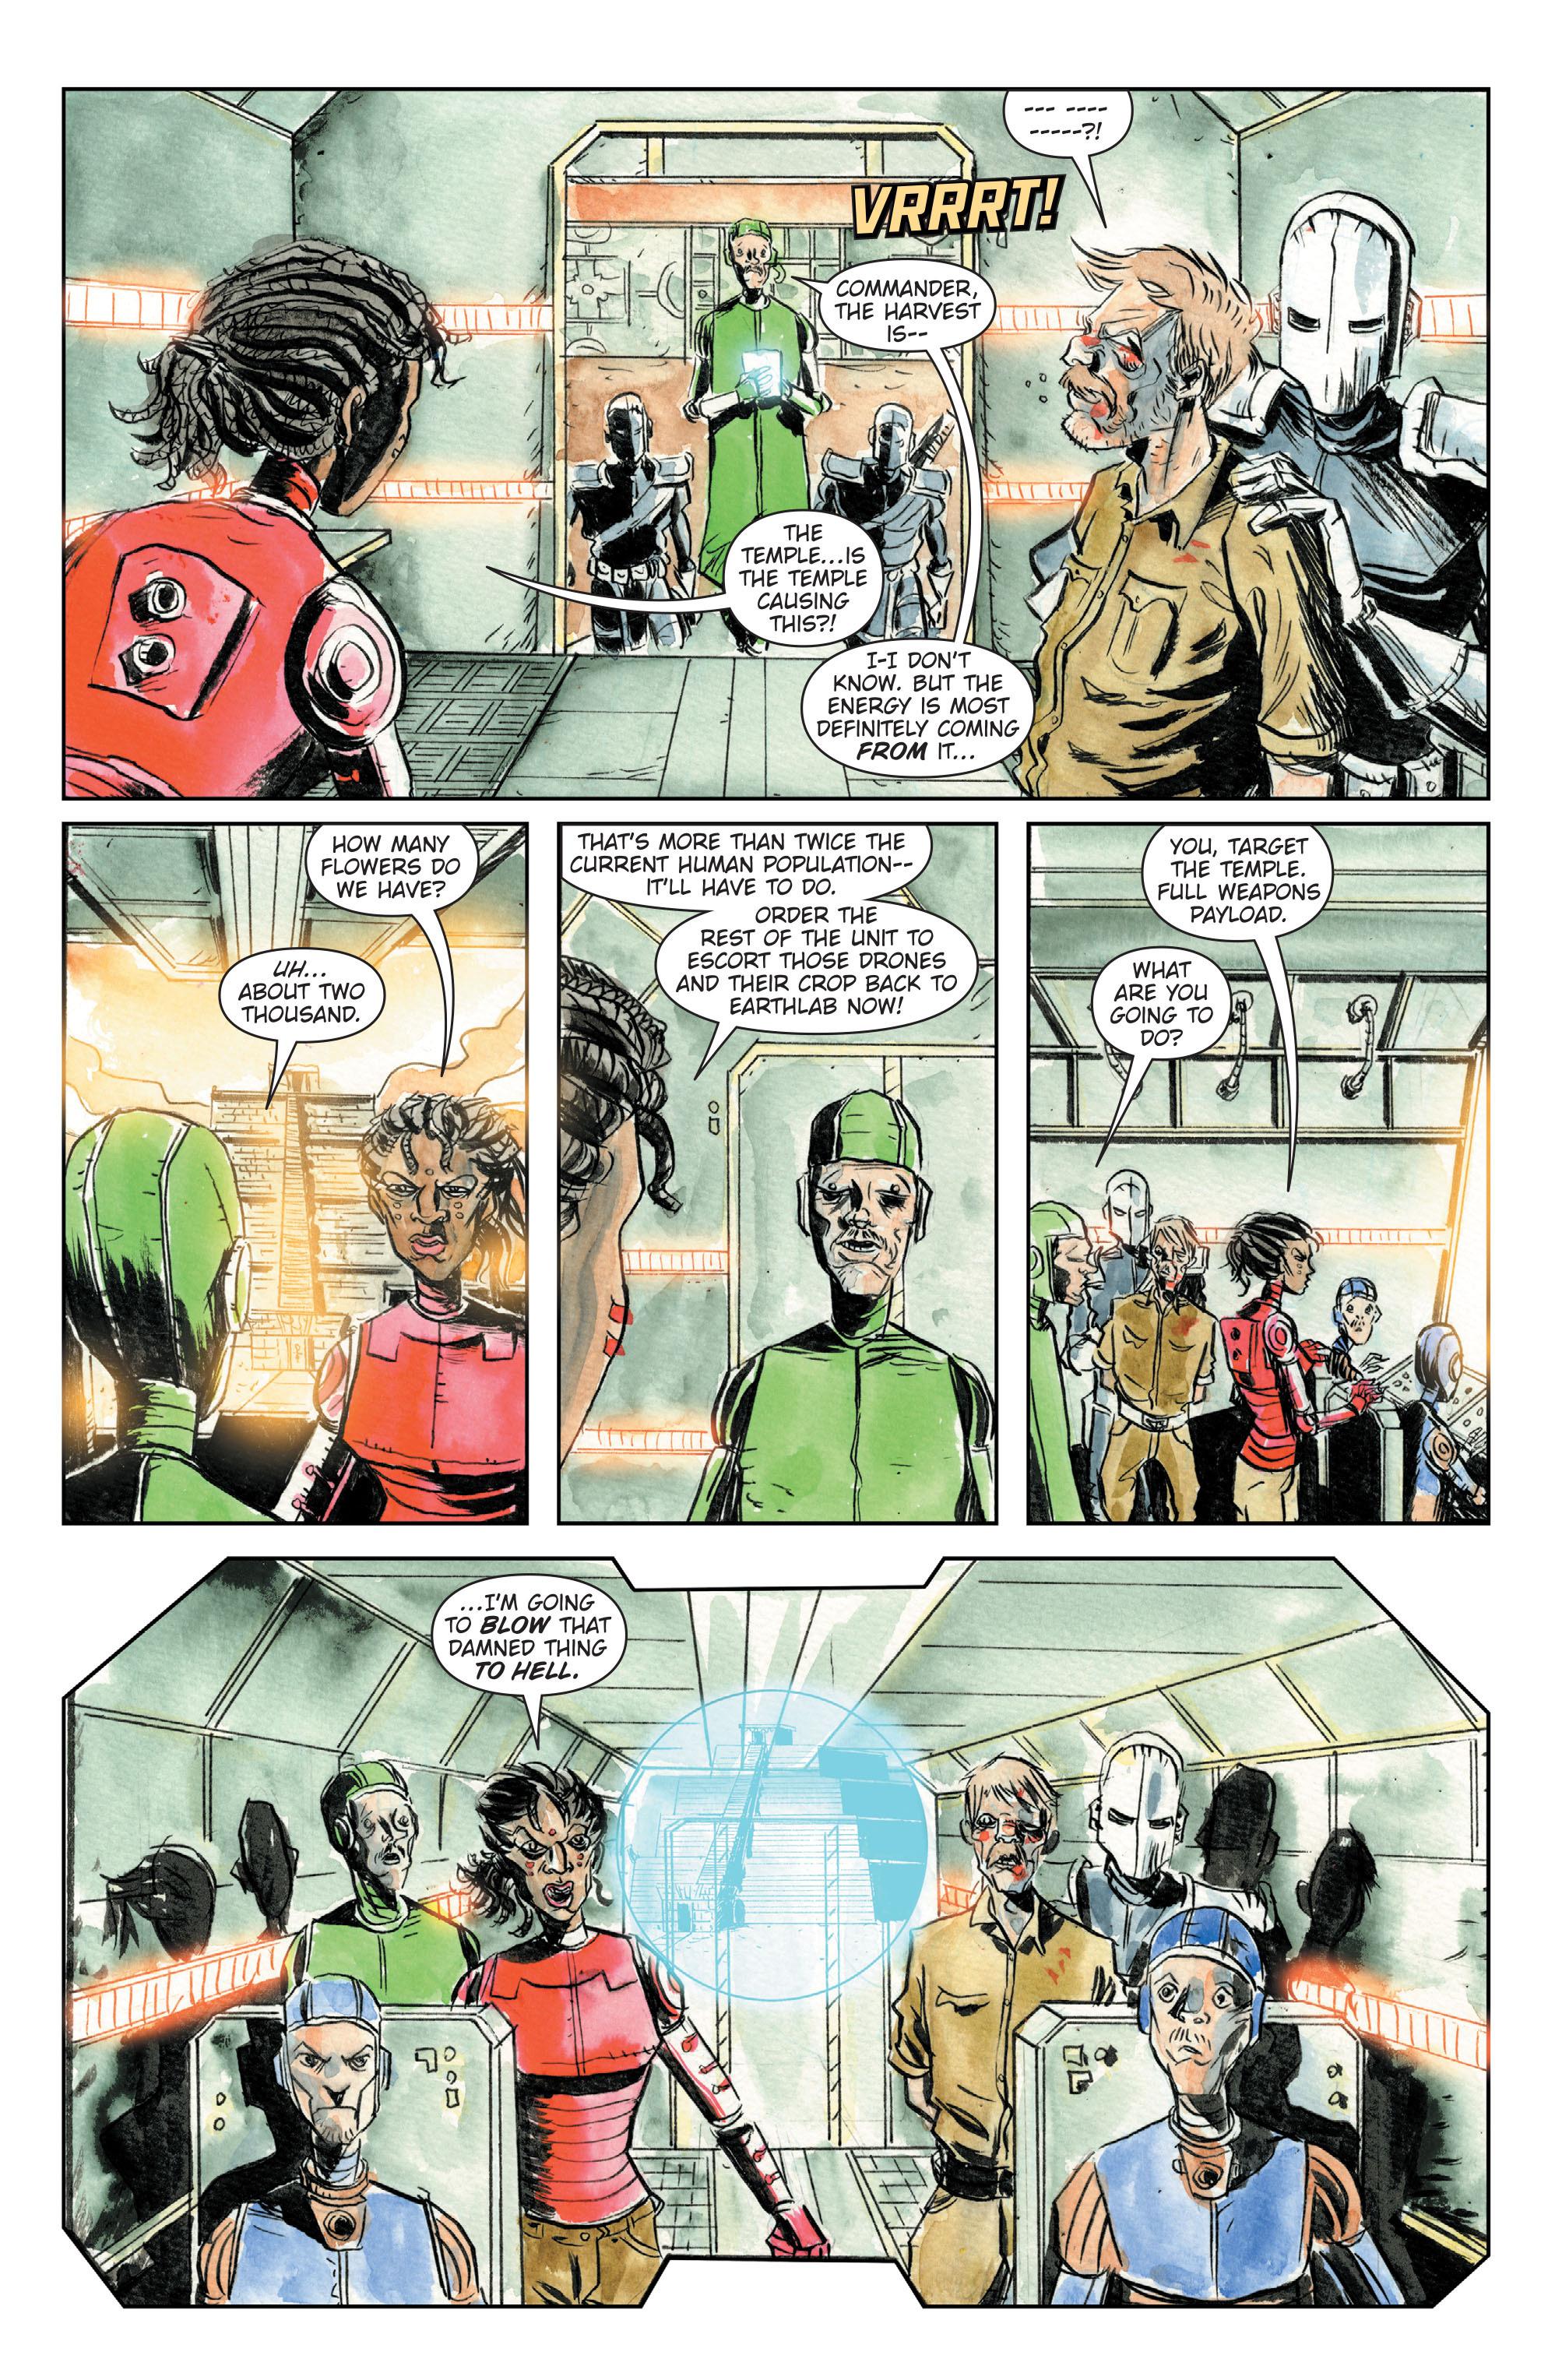 Read online Trillium comic -  Issue # TPB - 92